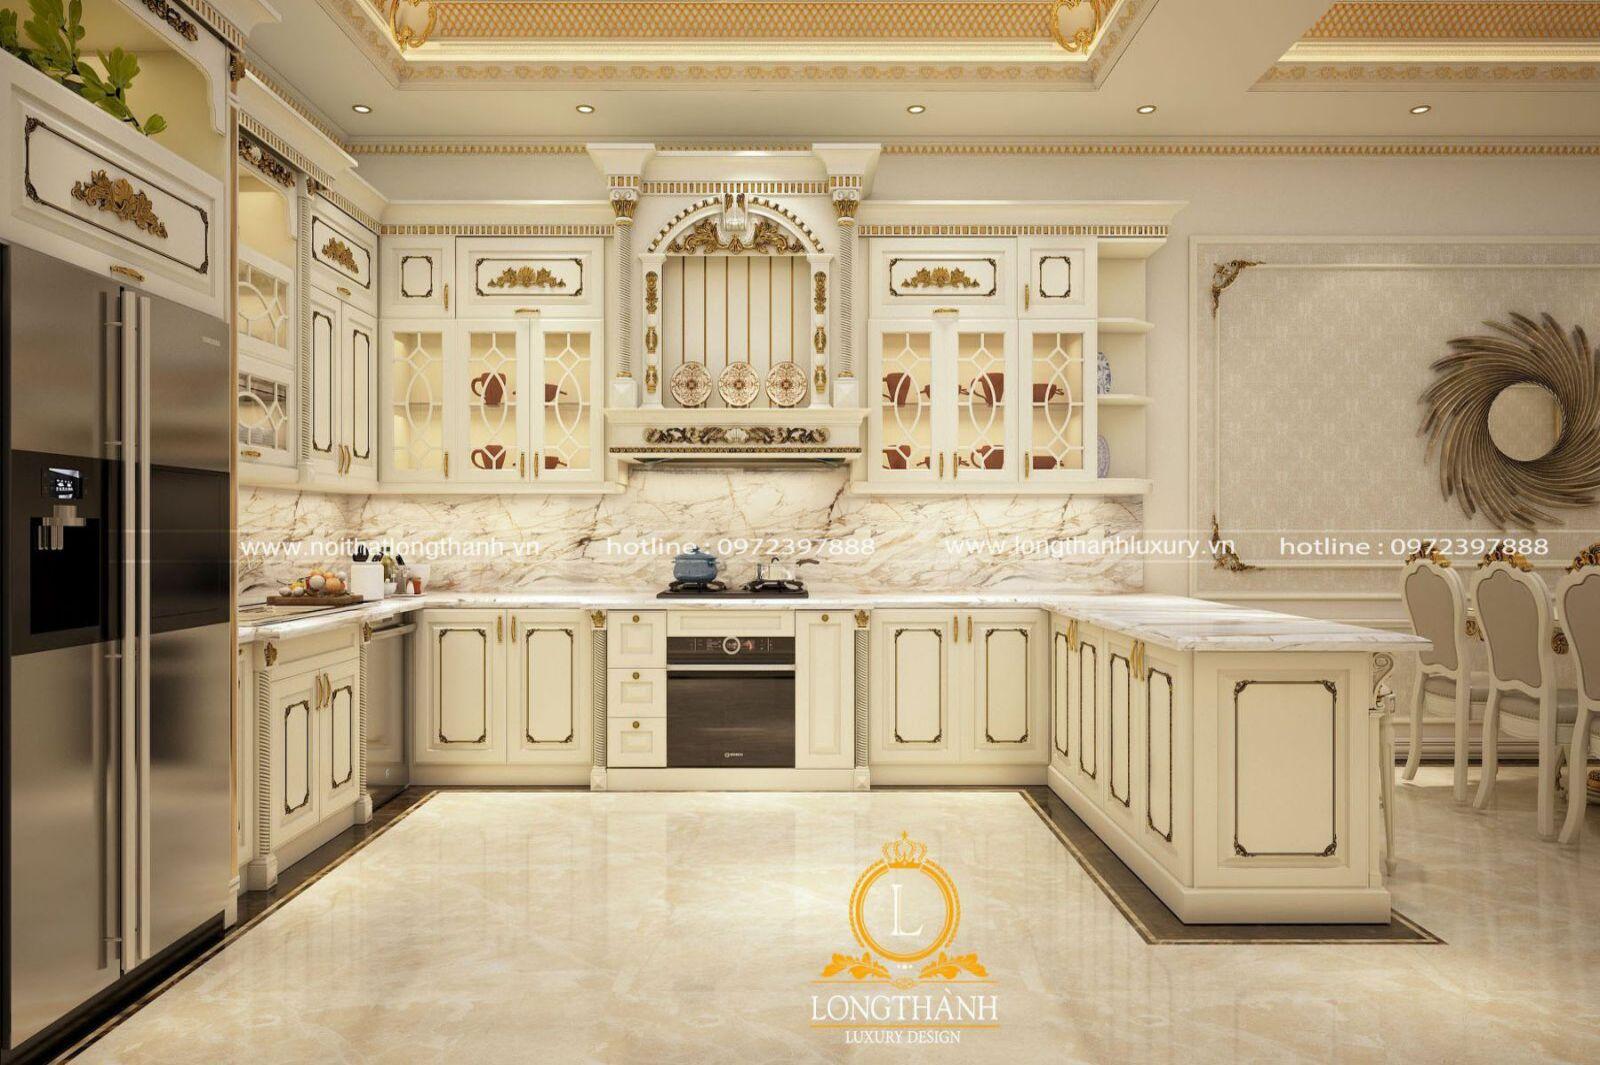 Đẹp lung linh với mẫu tủ bếp tân cổ điển sơn trắng